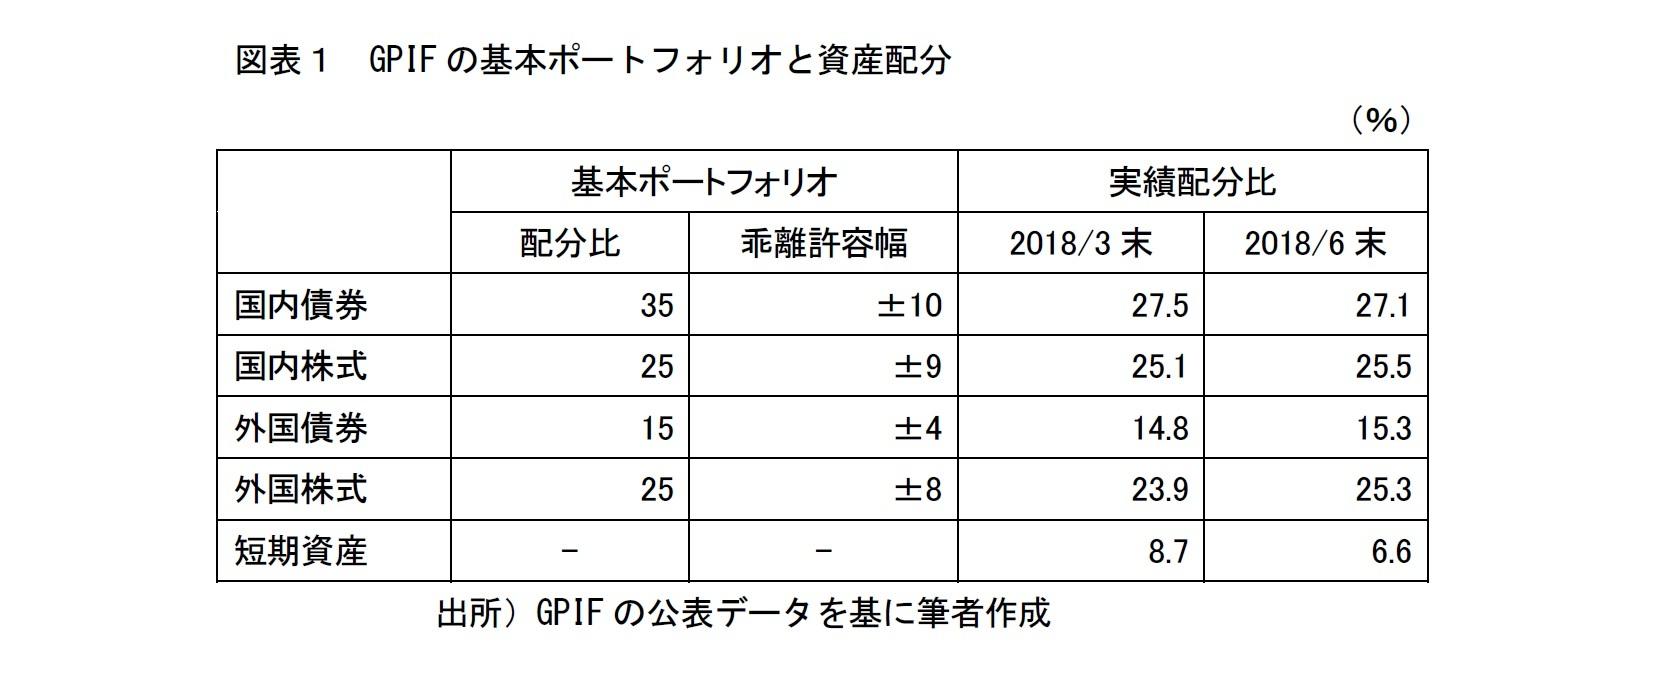 図表1 GPIFの基本ポートフォリオと資産配分